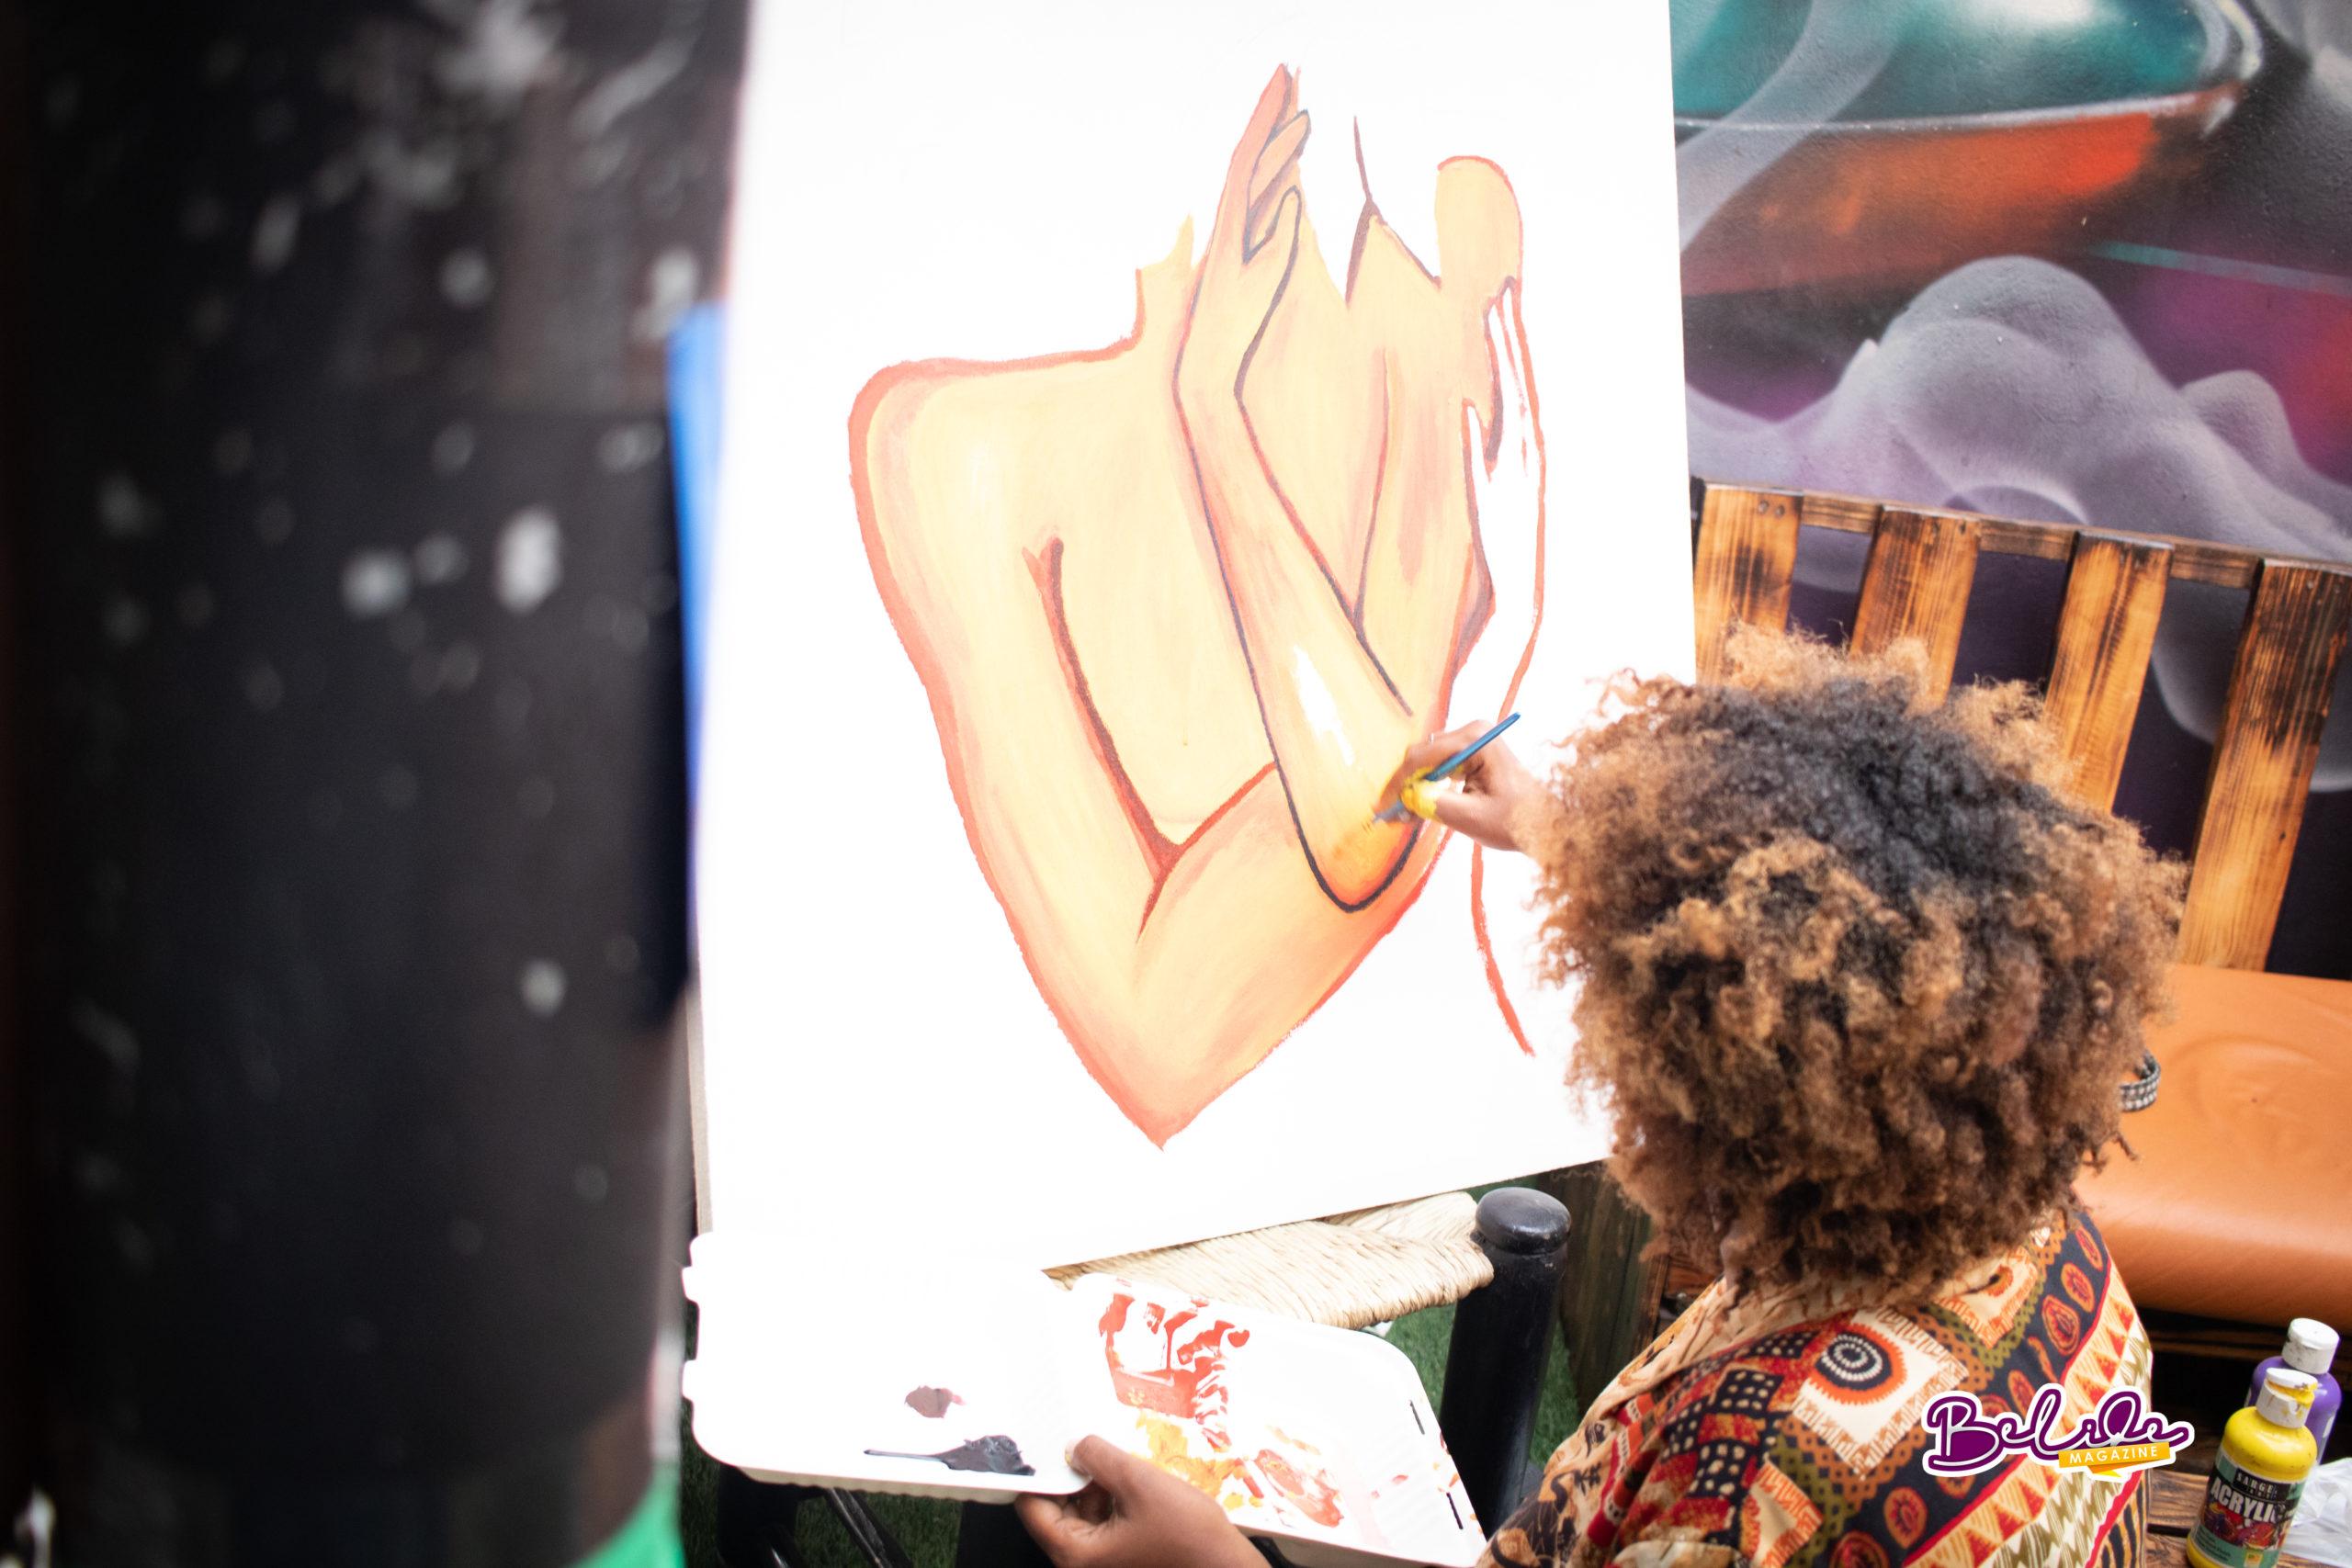 V!cky O dans ses œuvres | Photo prise par Jean Maries Lauviah pour Belide Magazine